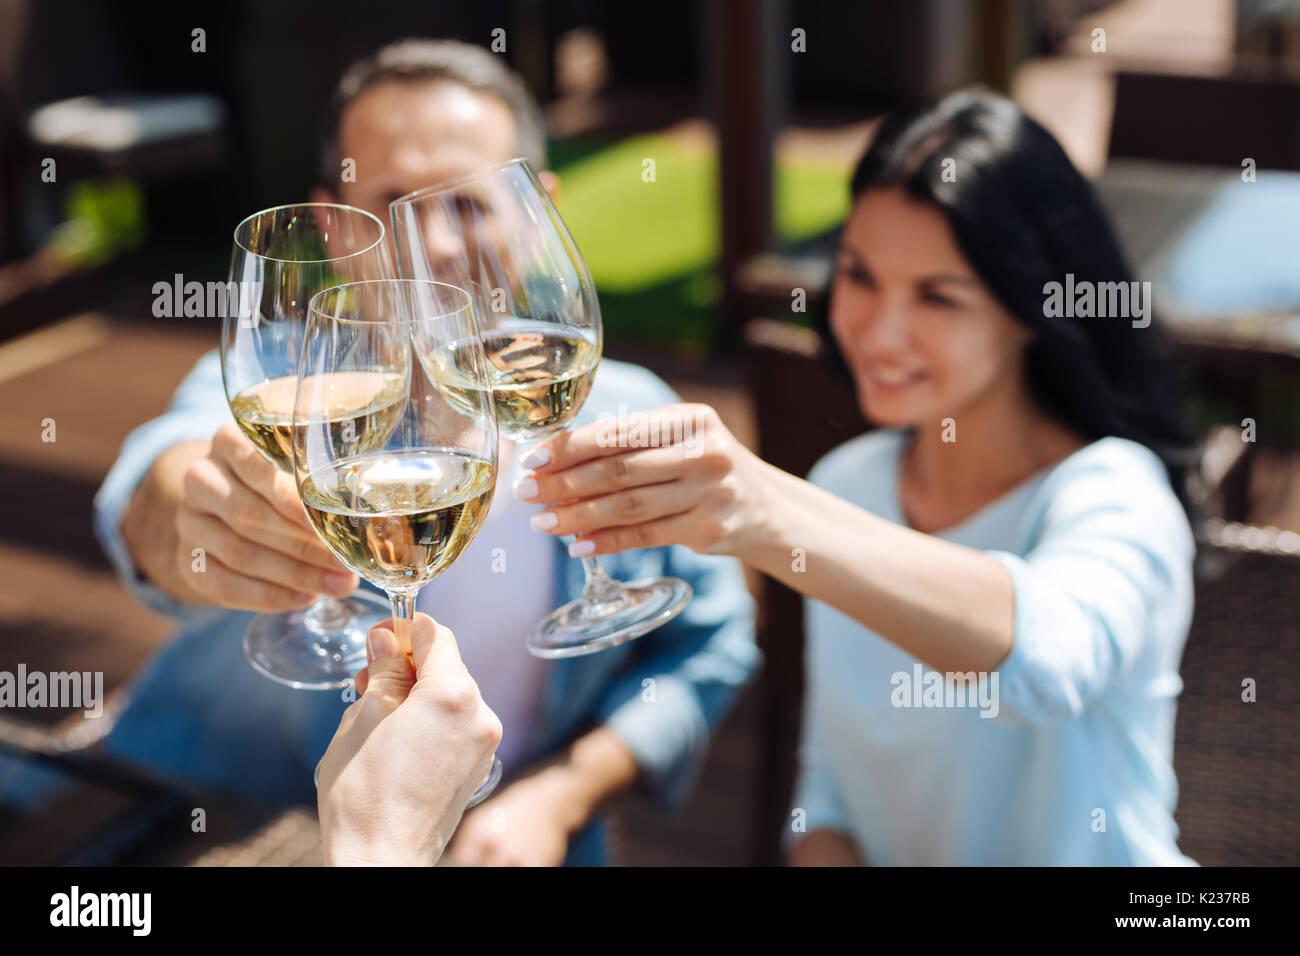 El enfoque selectivo de vasos llenos de vino Imagen De Stock